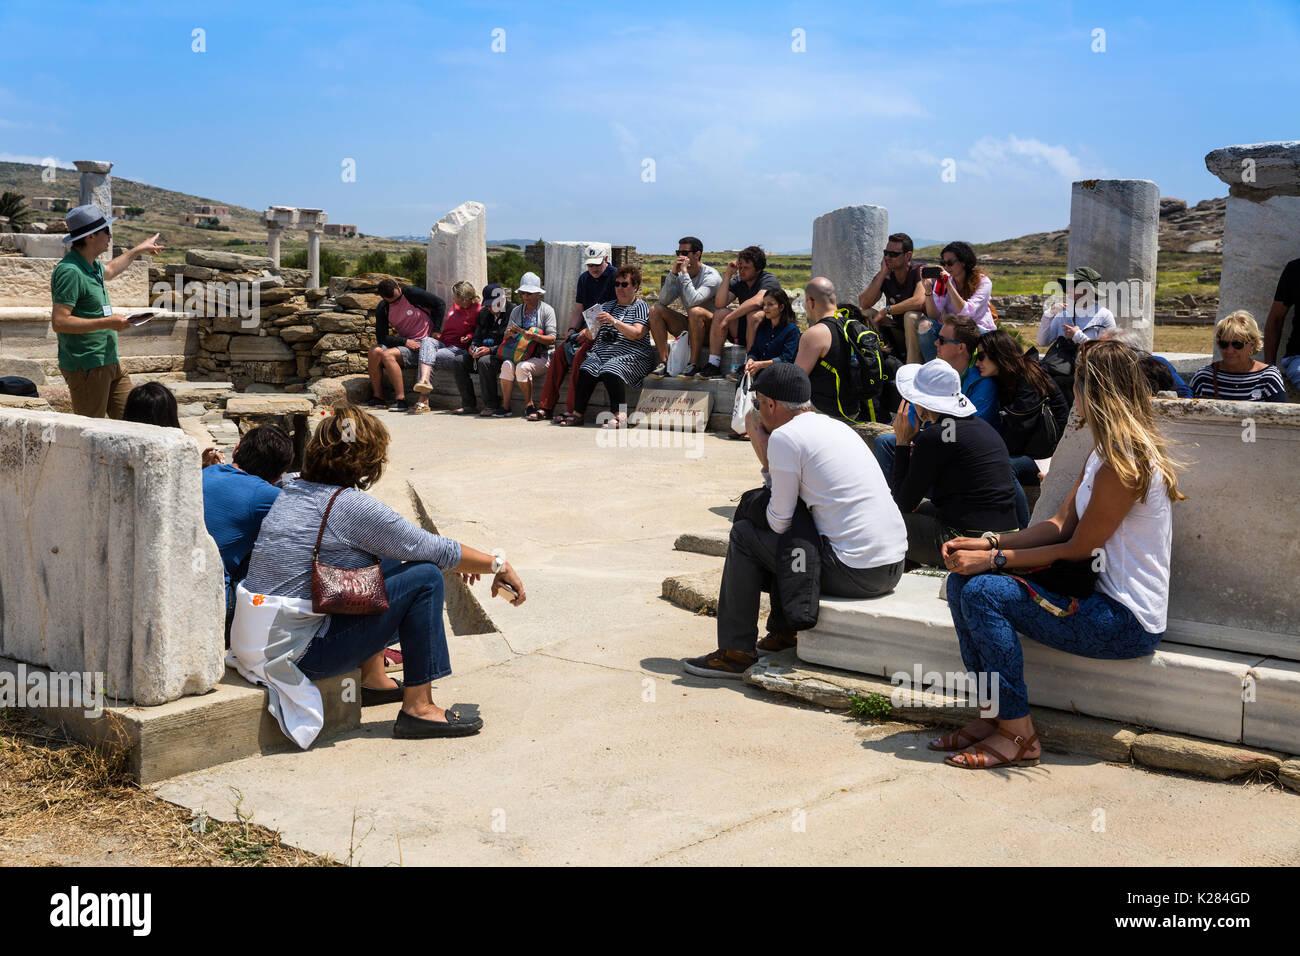 Touristen versammelt Hören zu einem Führer über die Geschichte von Delos, Kykladen, Griechenland. Stockbild